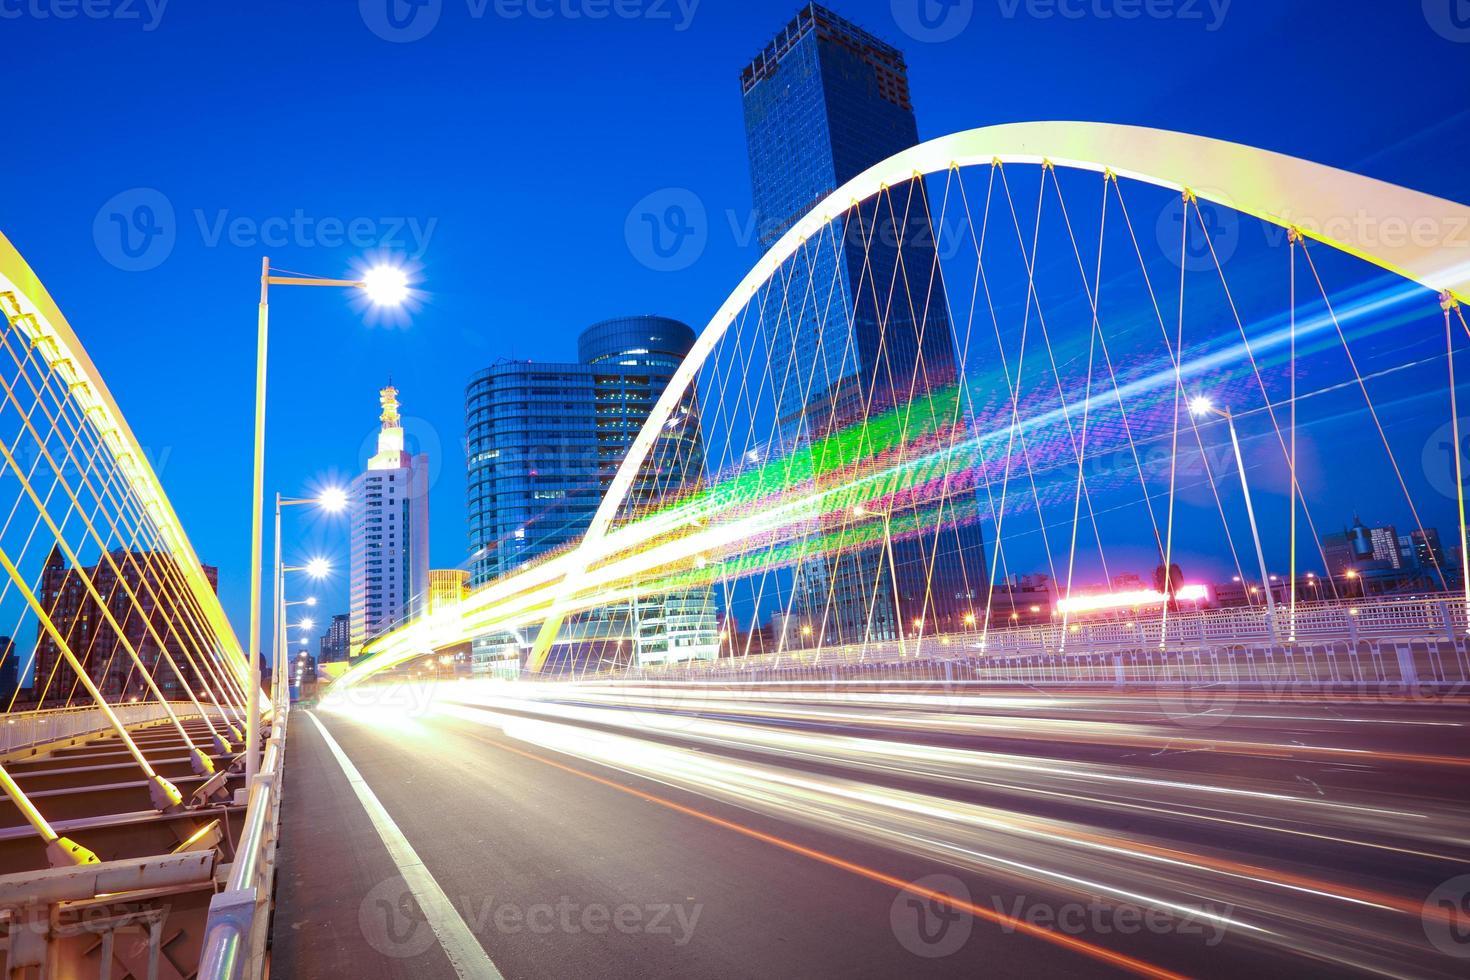 arco ponte viga estrada carro trilhas leves cidade noite paisagem foto